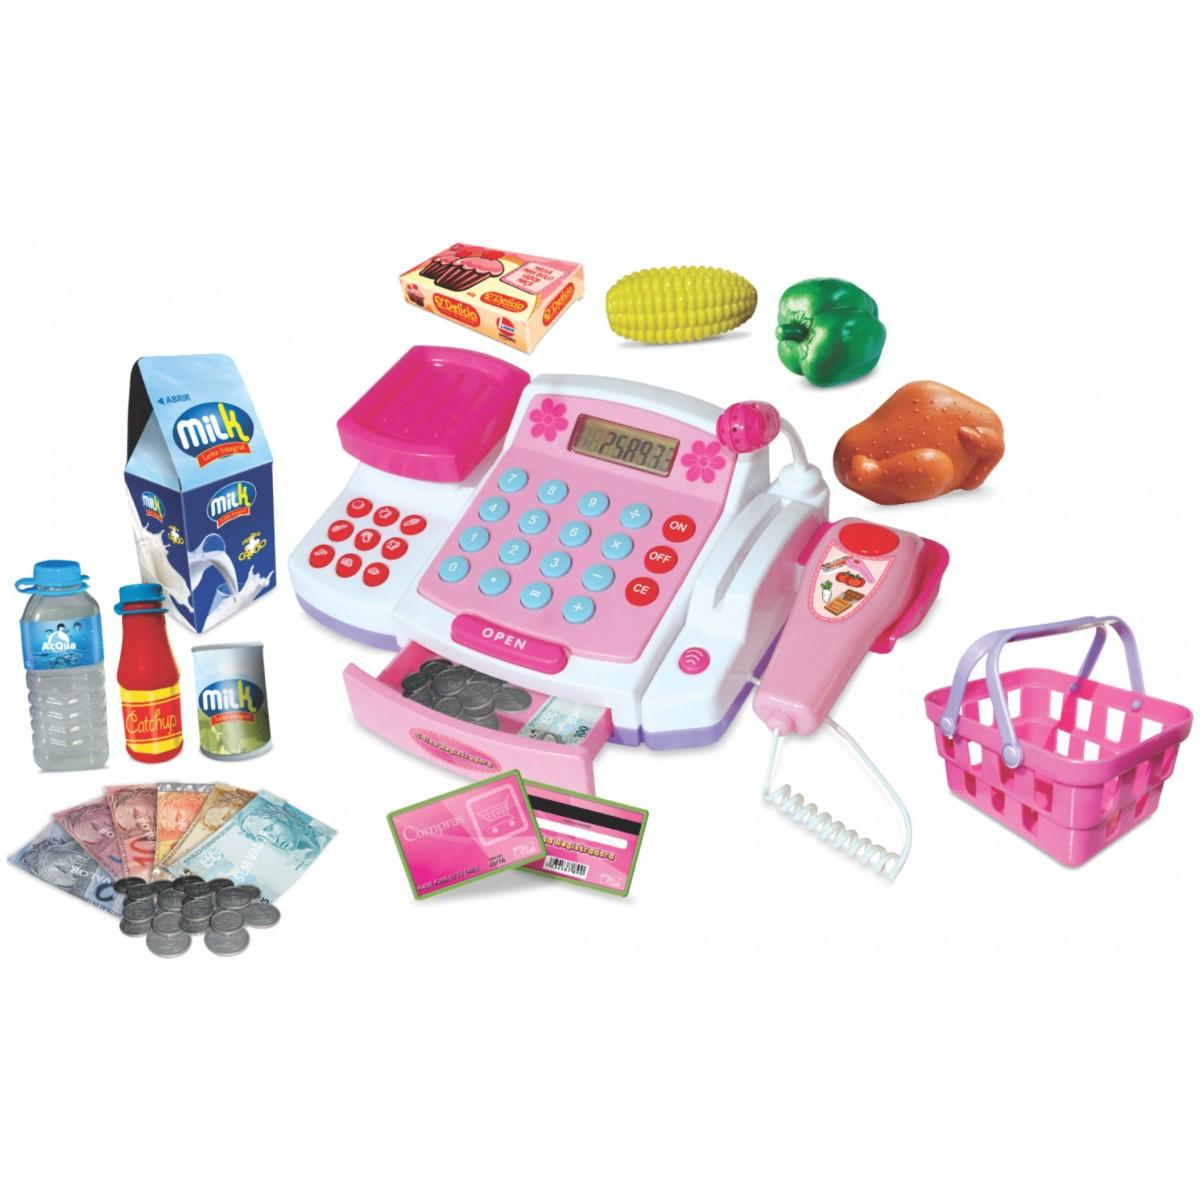 Caixa Registradora com Microfone - Lider Brinquedos